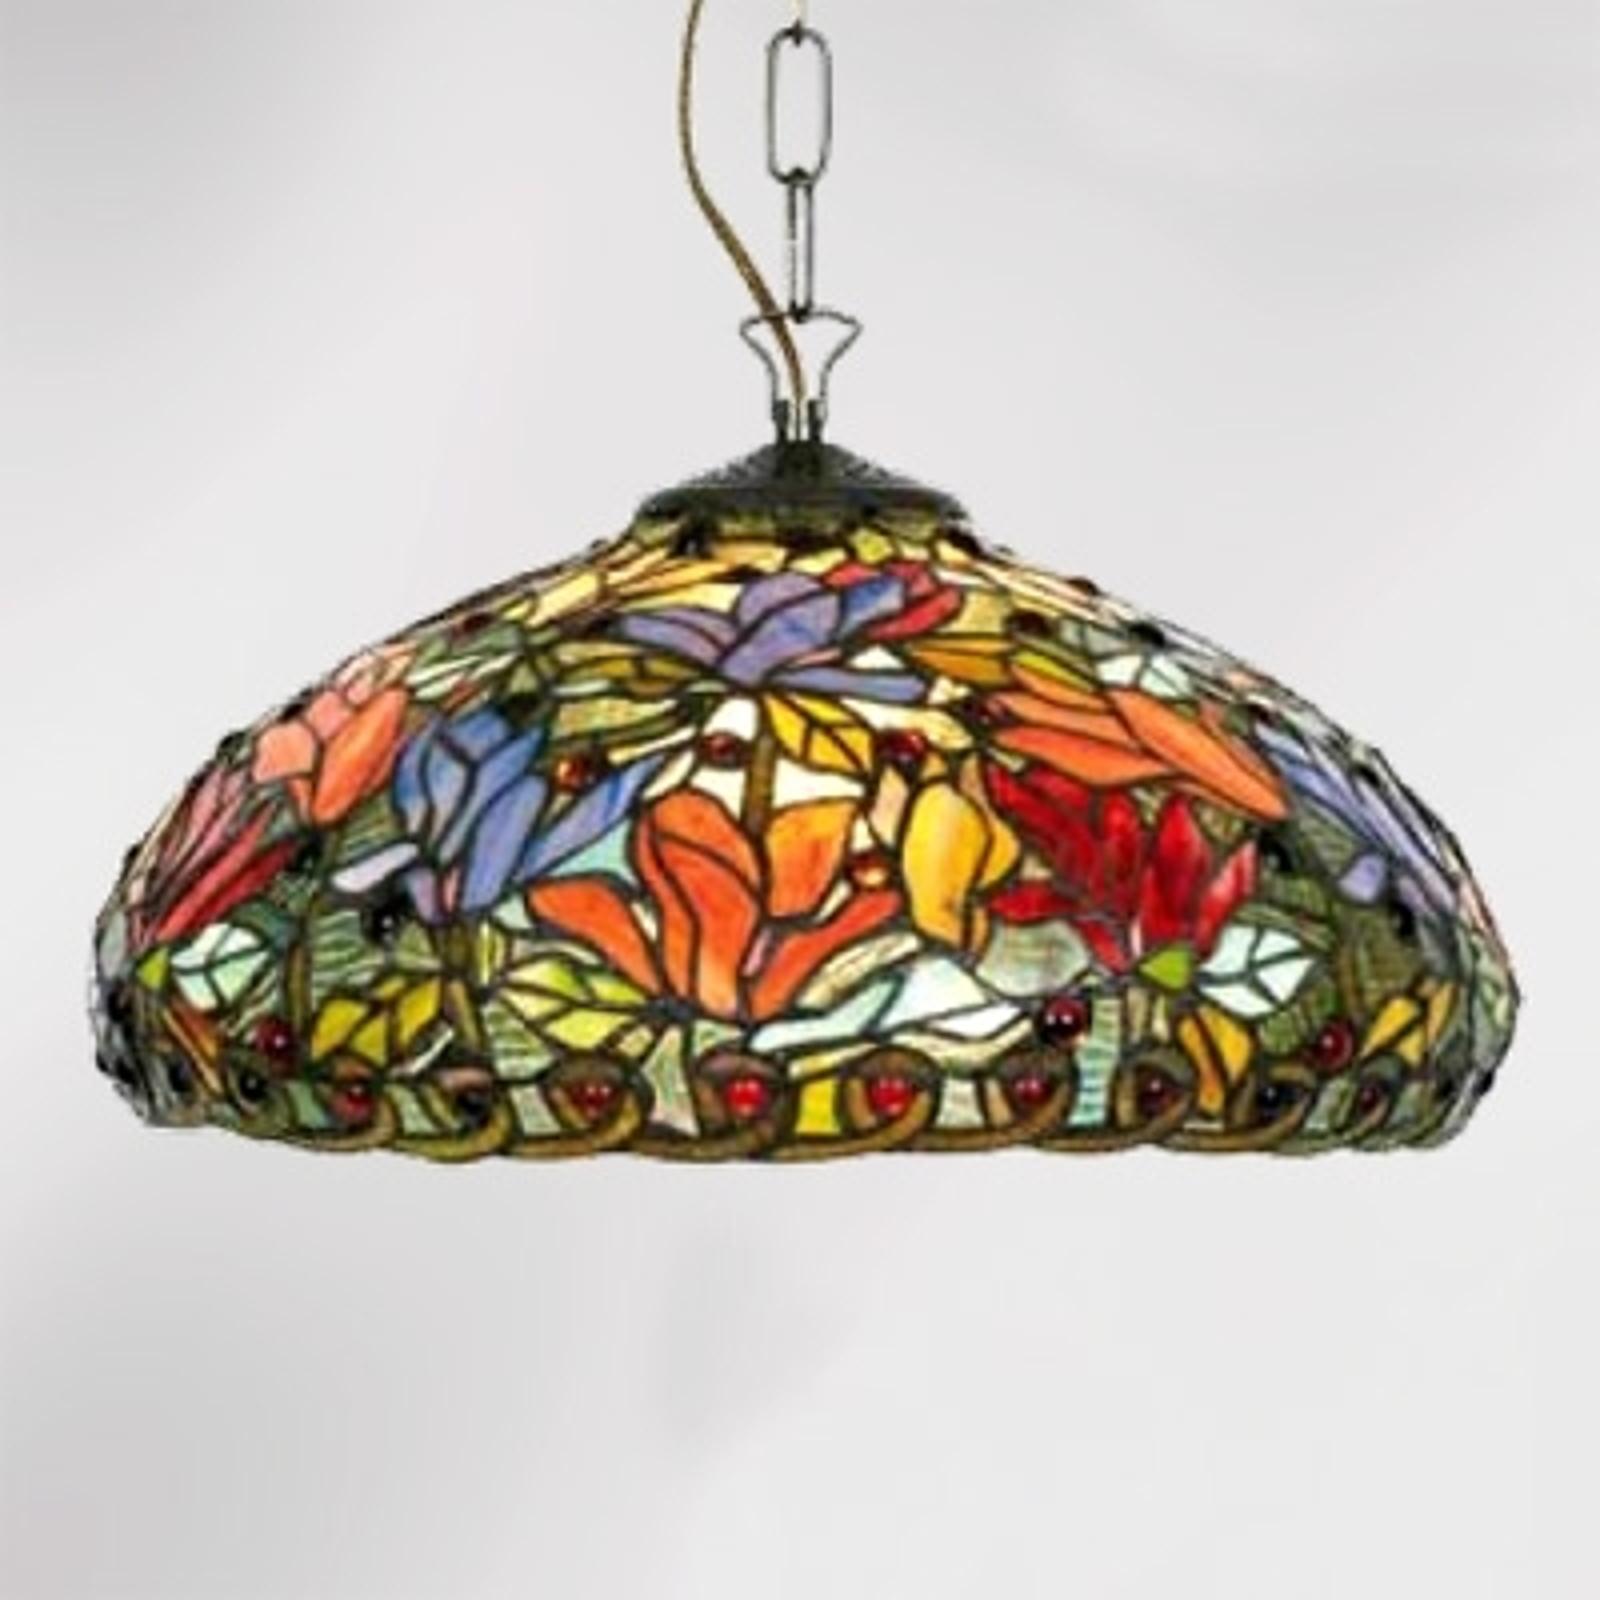 Lámpara colgante Elaine en estilo Tiffany, 1 luz